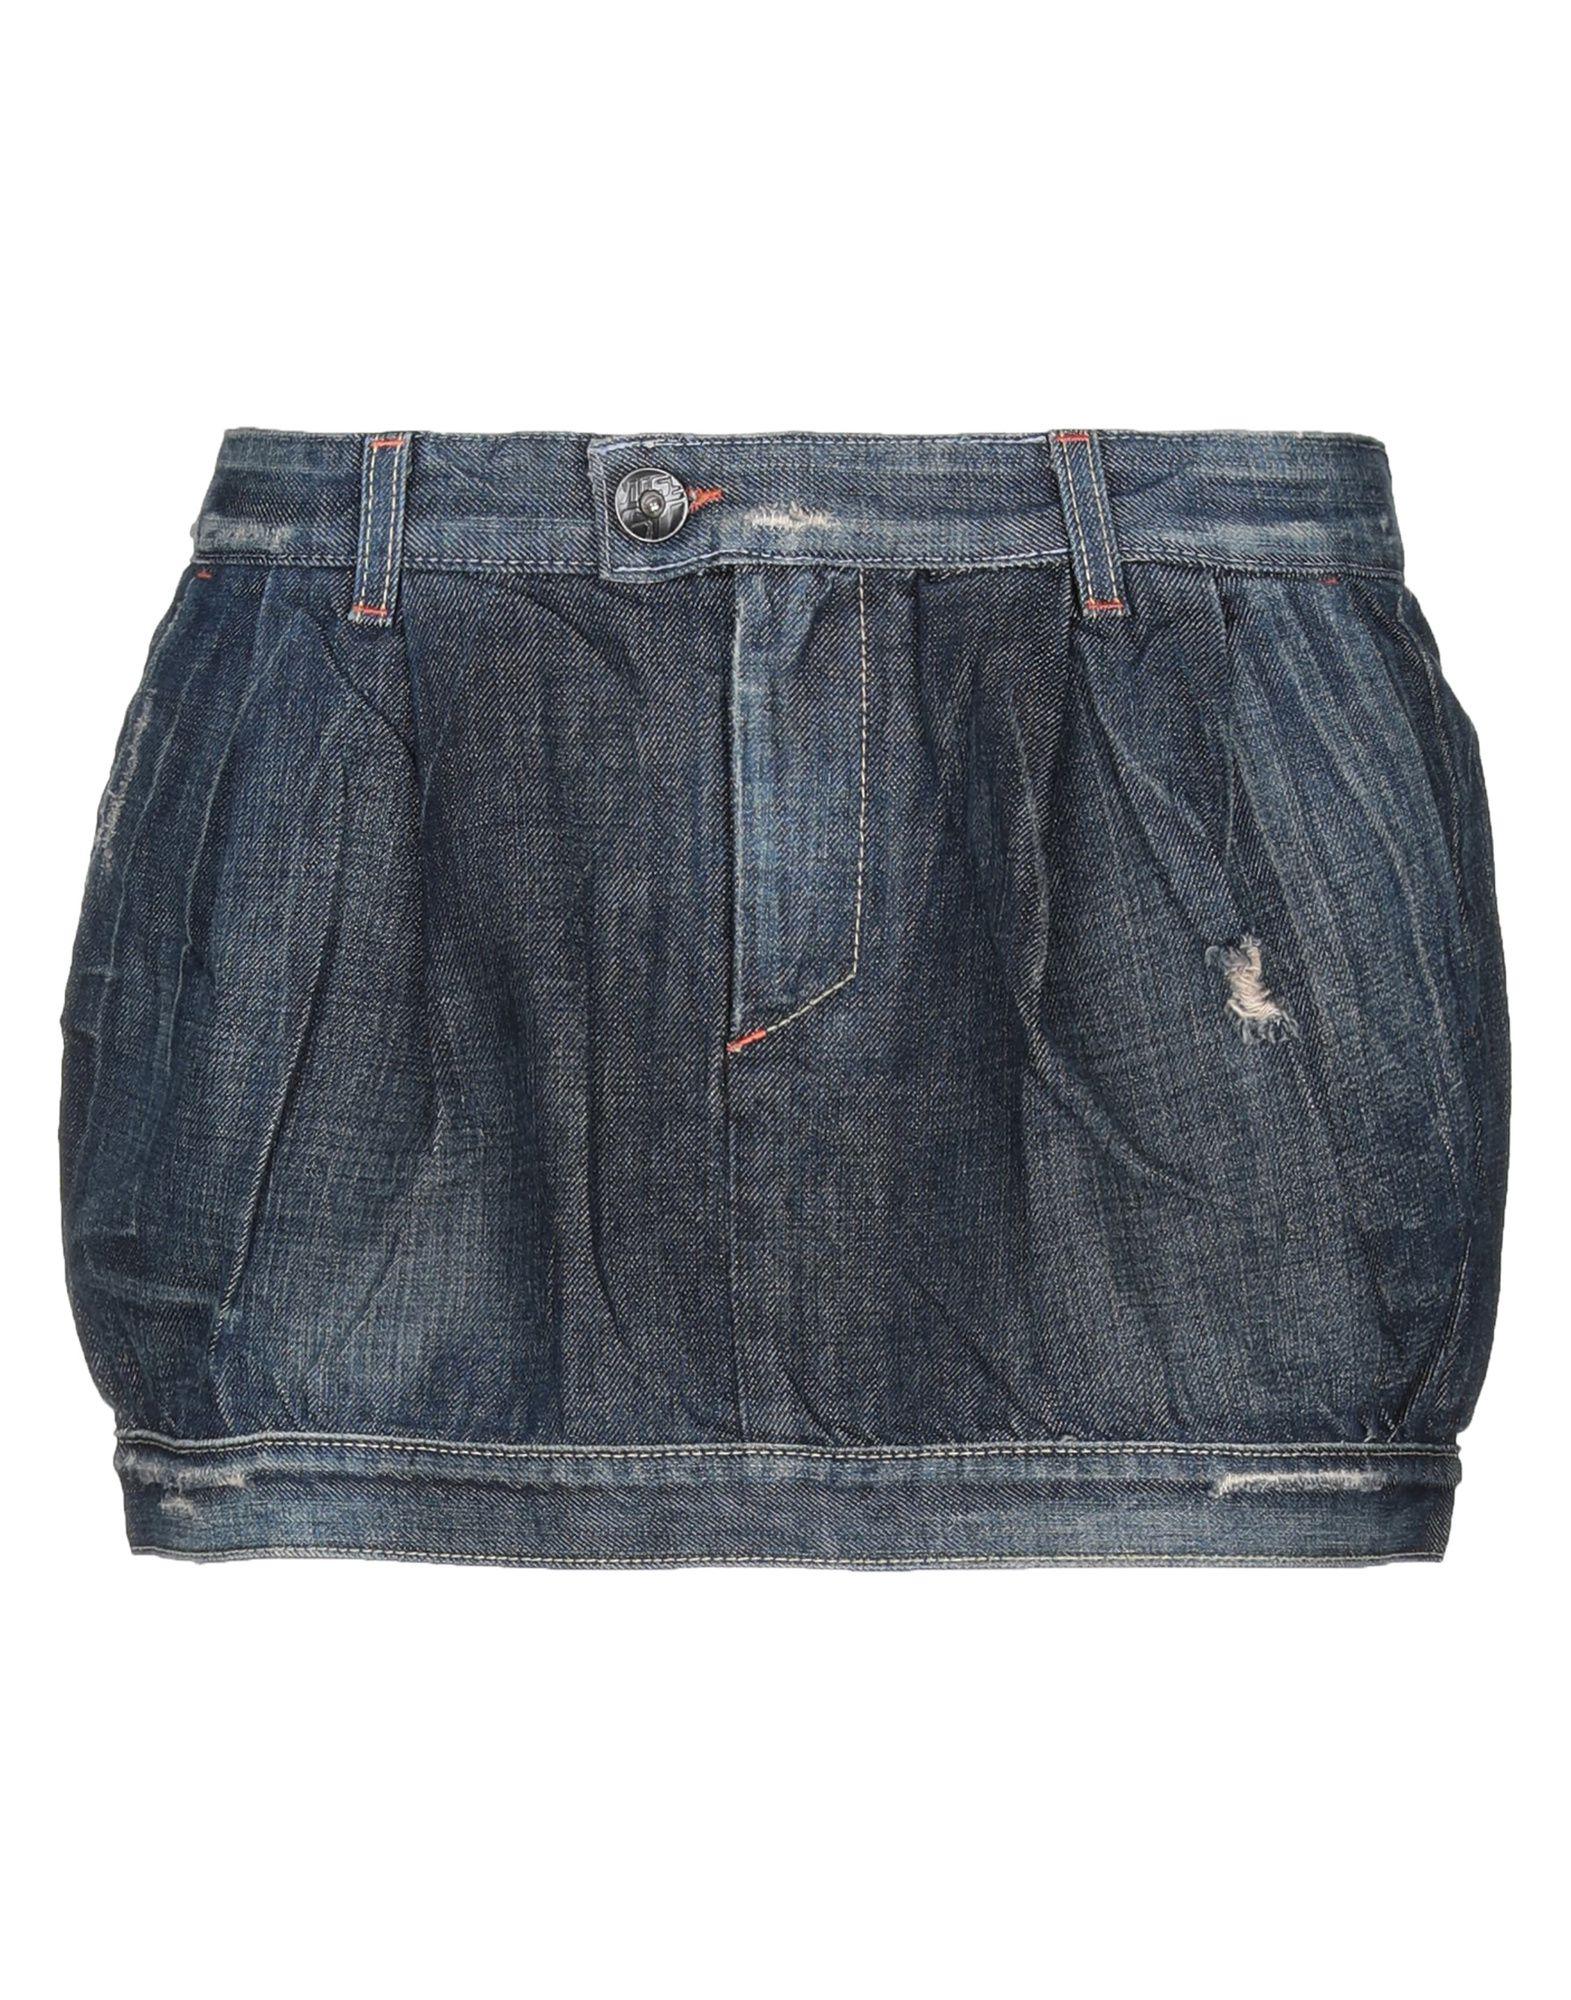 MISS SIXTY LUXURY Джинсовая юбка цена